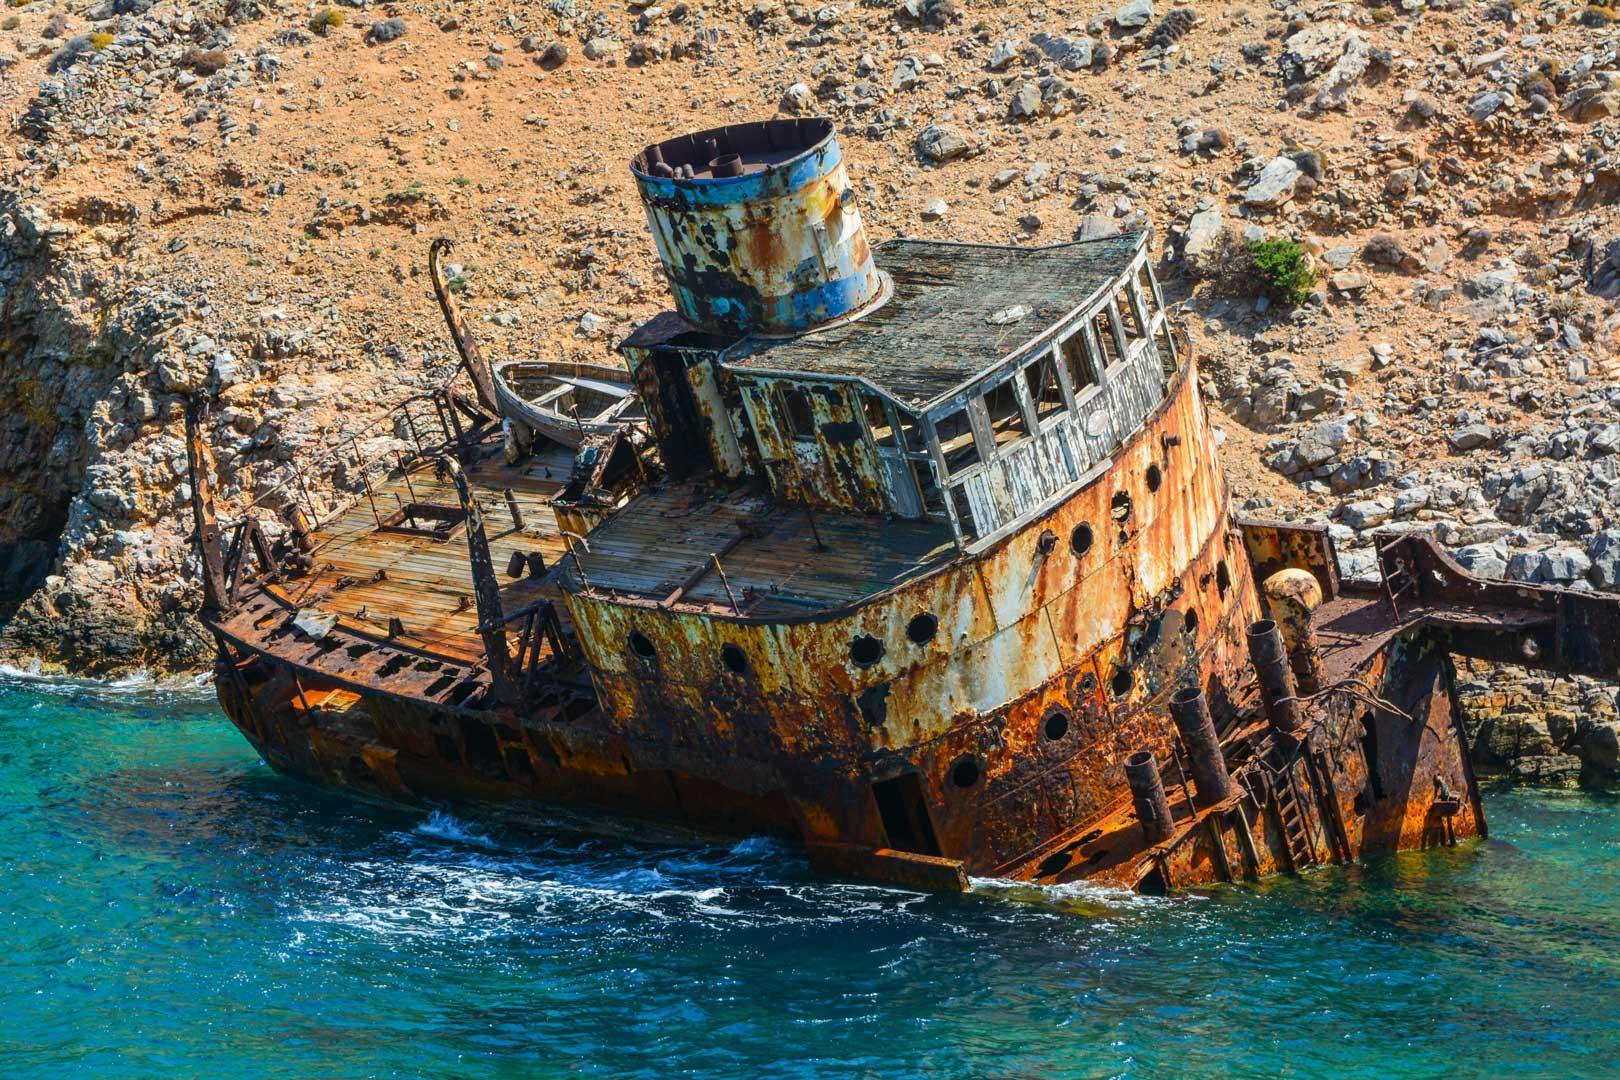 ναυάγιο Ολυμπία Αμοργός travelshare.gr